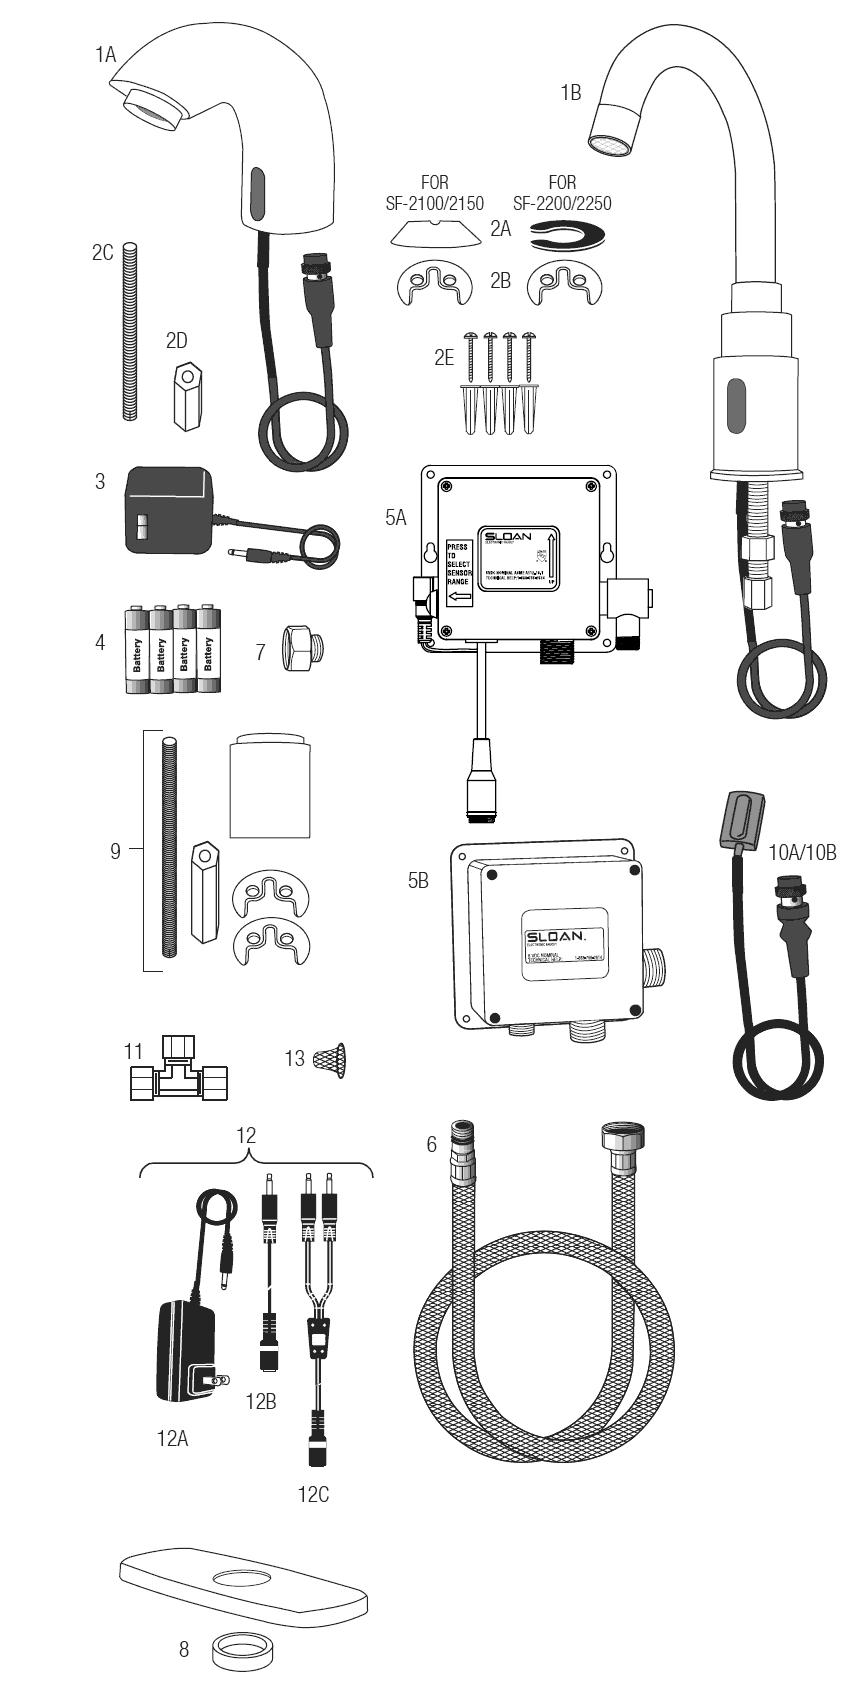 Sloan SF-2250-4-BDM - SF Series Faucet